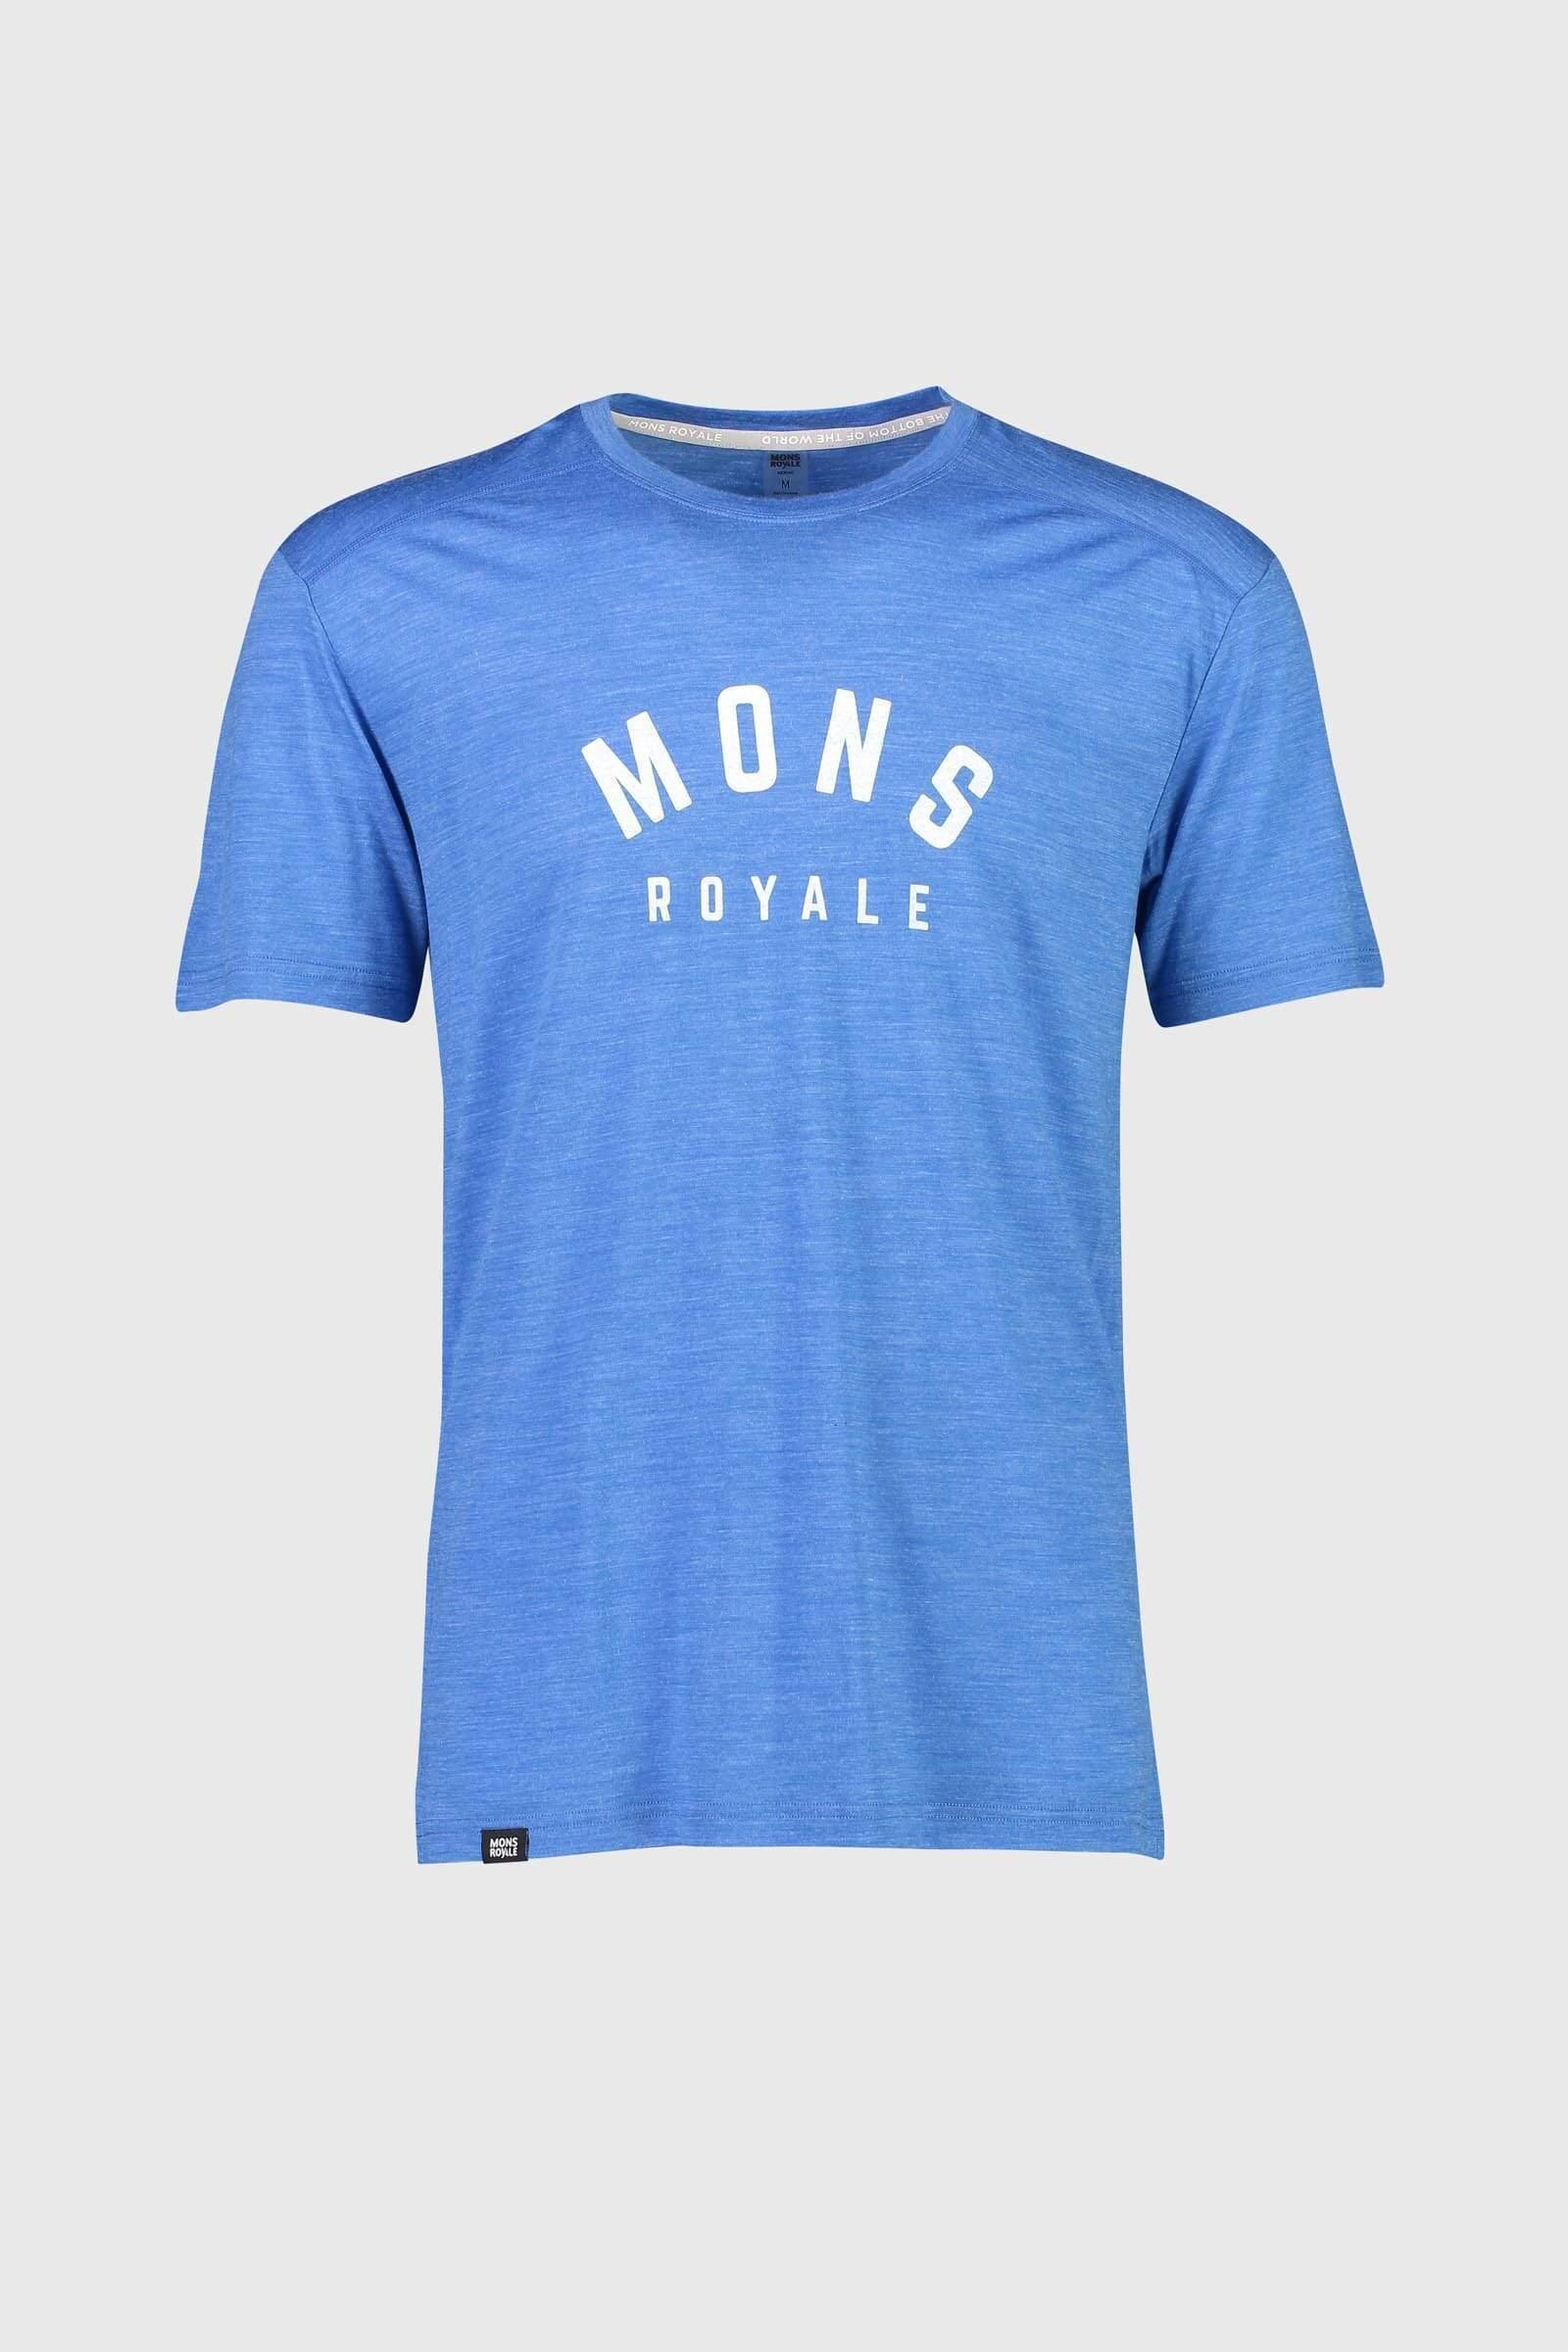 Mons Royale Vapour T Rebel Blue